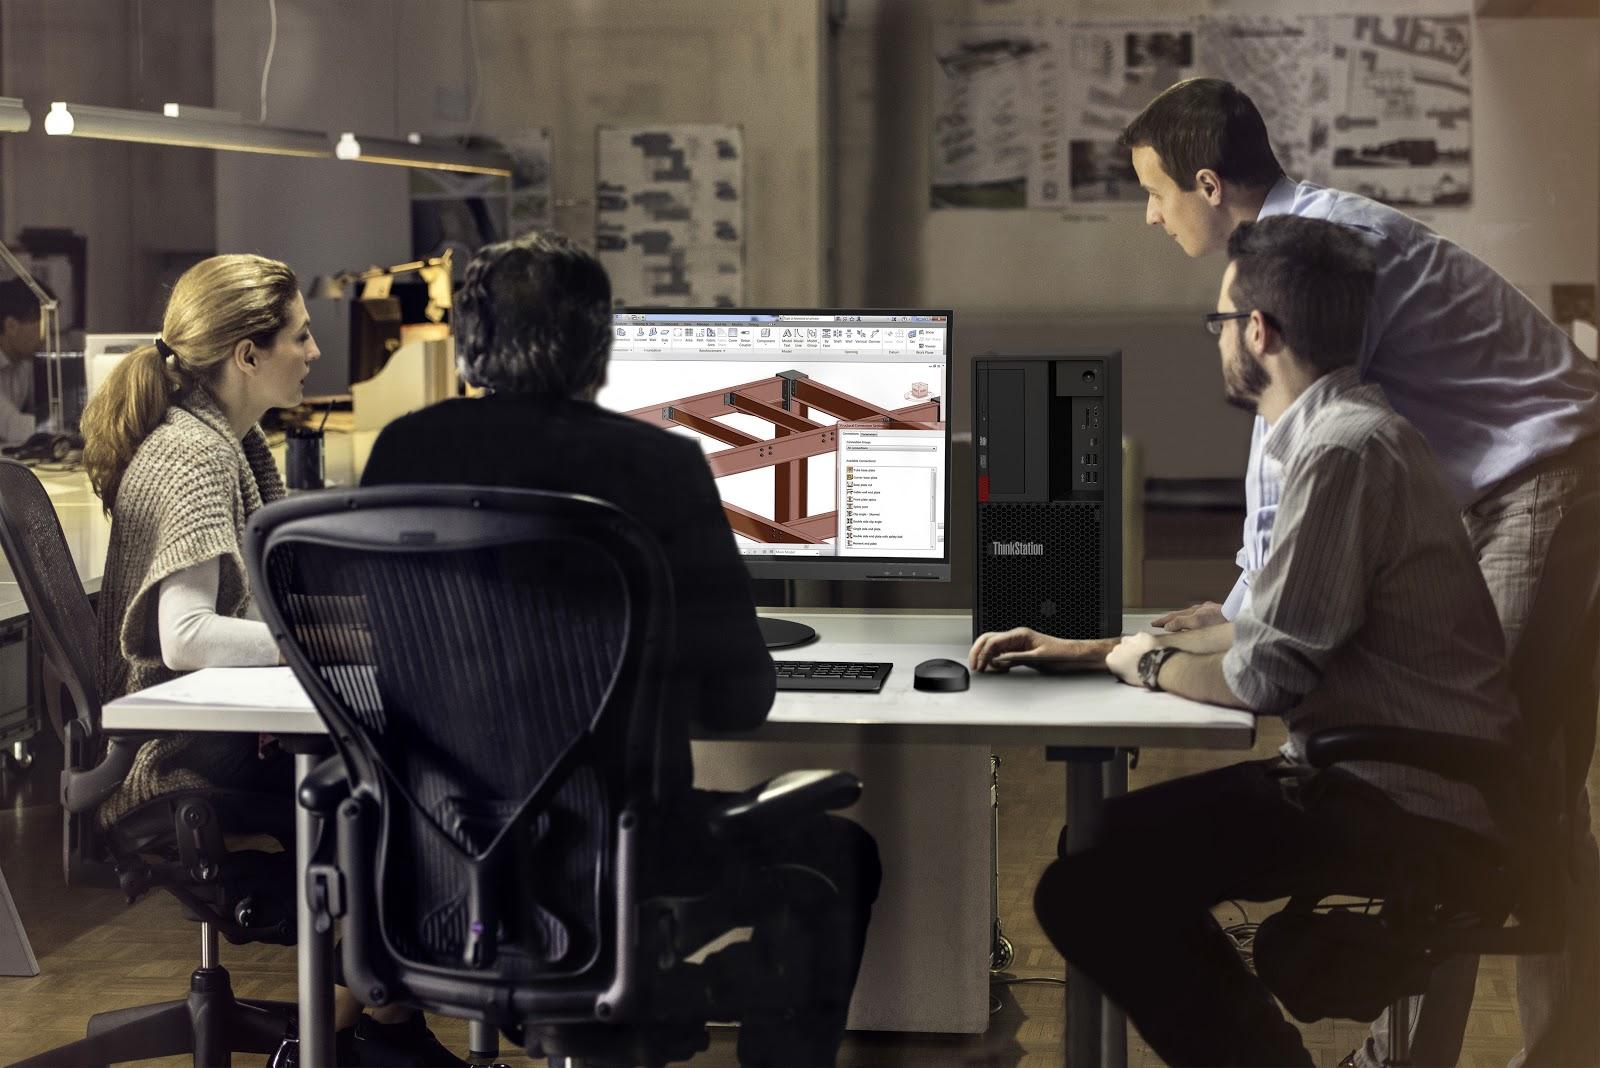 Para melhores resultados da workstation, aposte também em bons monitores